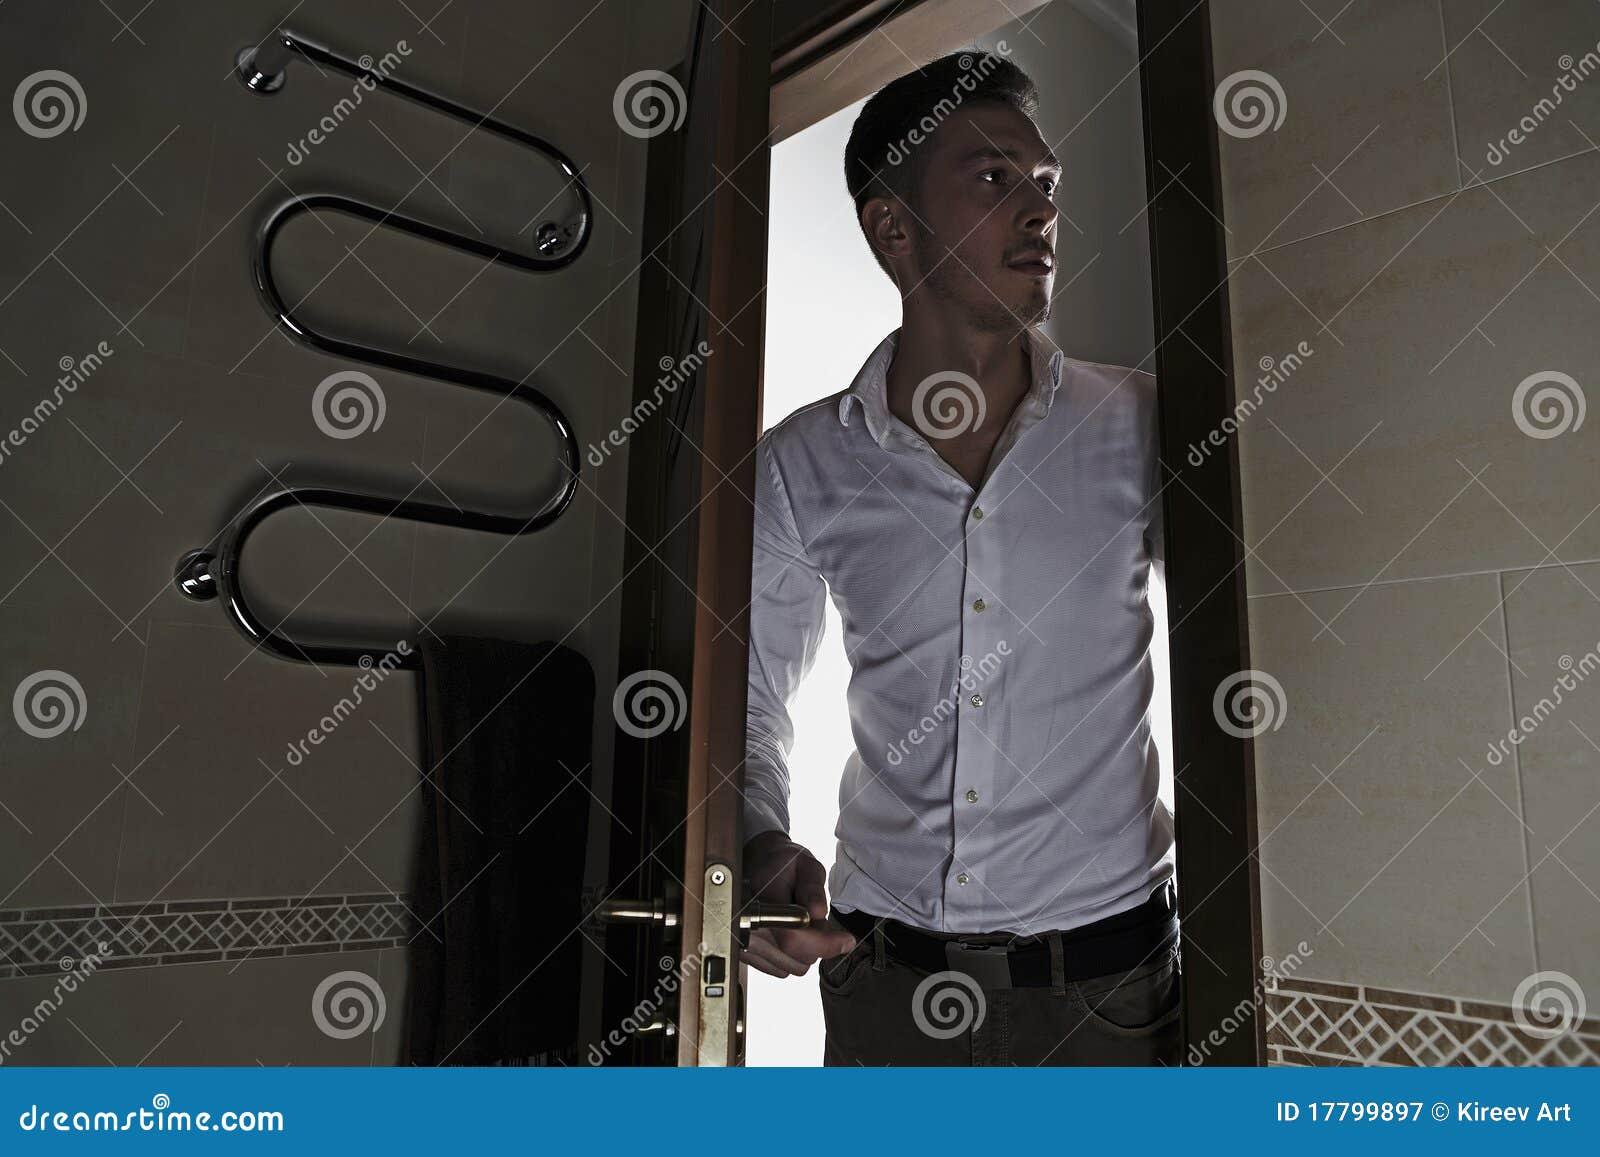 Man opens door to bathroom & Man opens door to bathroom stock image. Image of open - 17799897